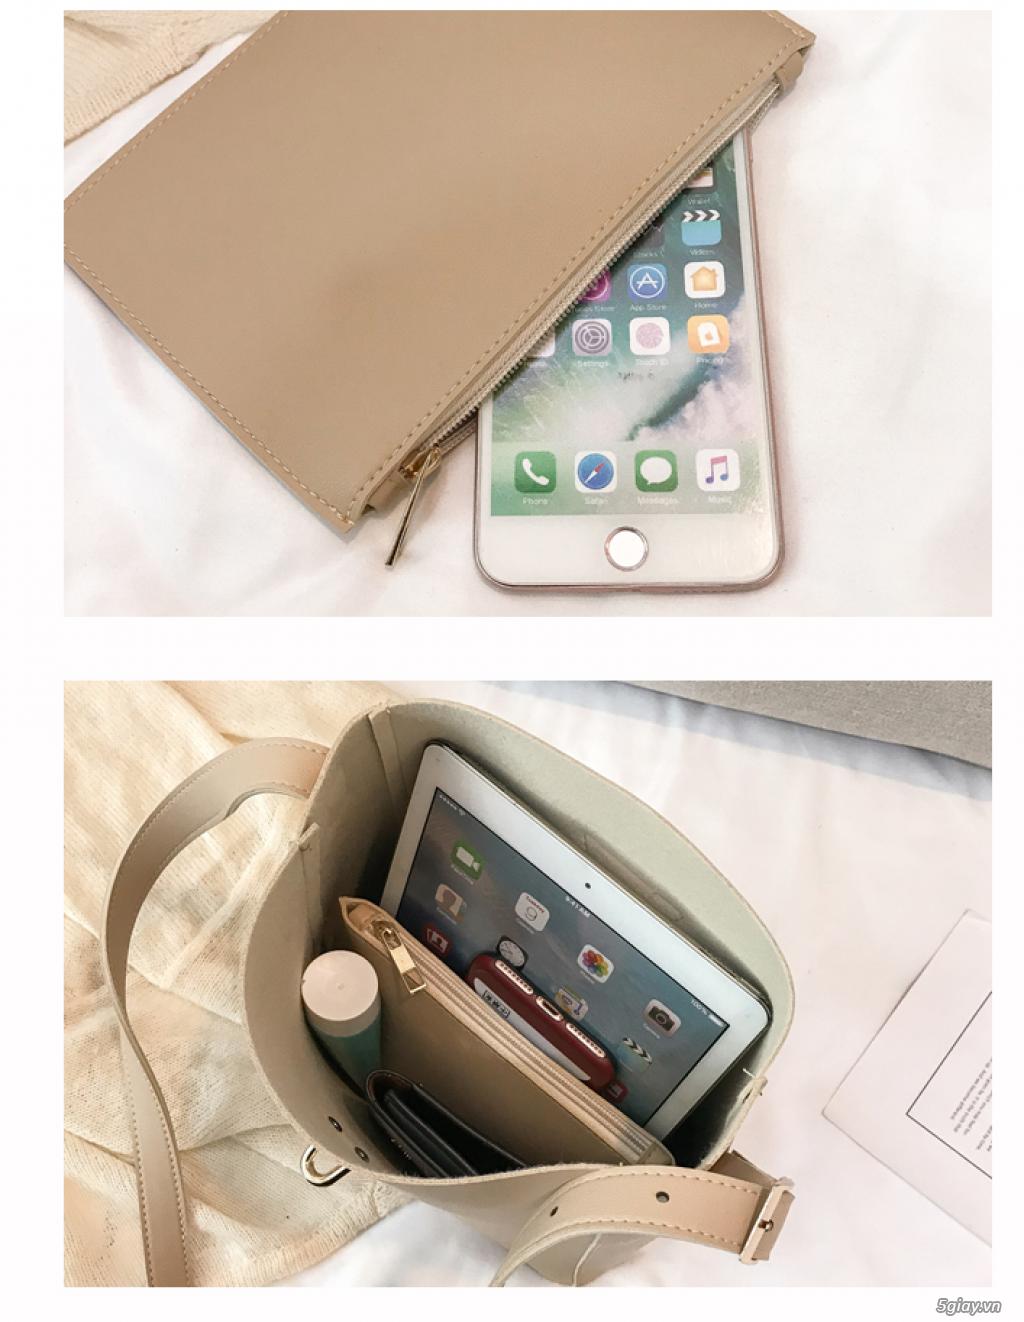 Túi xách Hàn Quốc phiên bản đơn giản túi xách giá rẻ túi xách nữ - 7